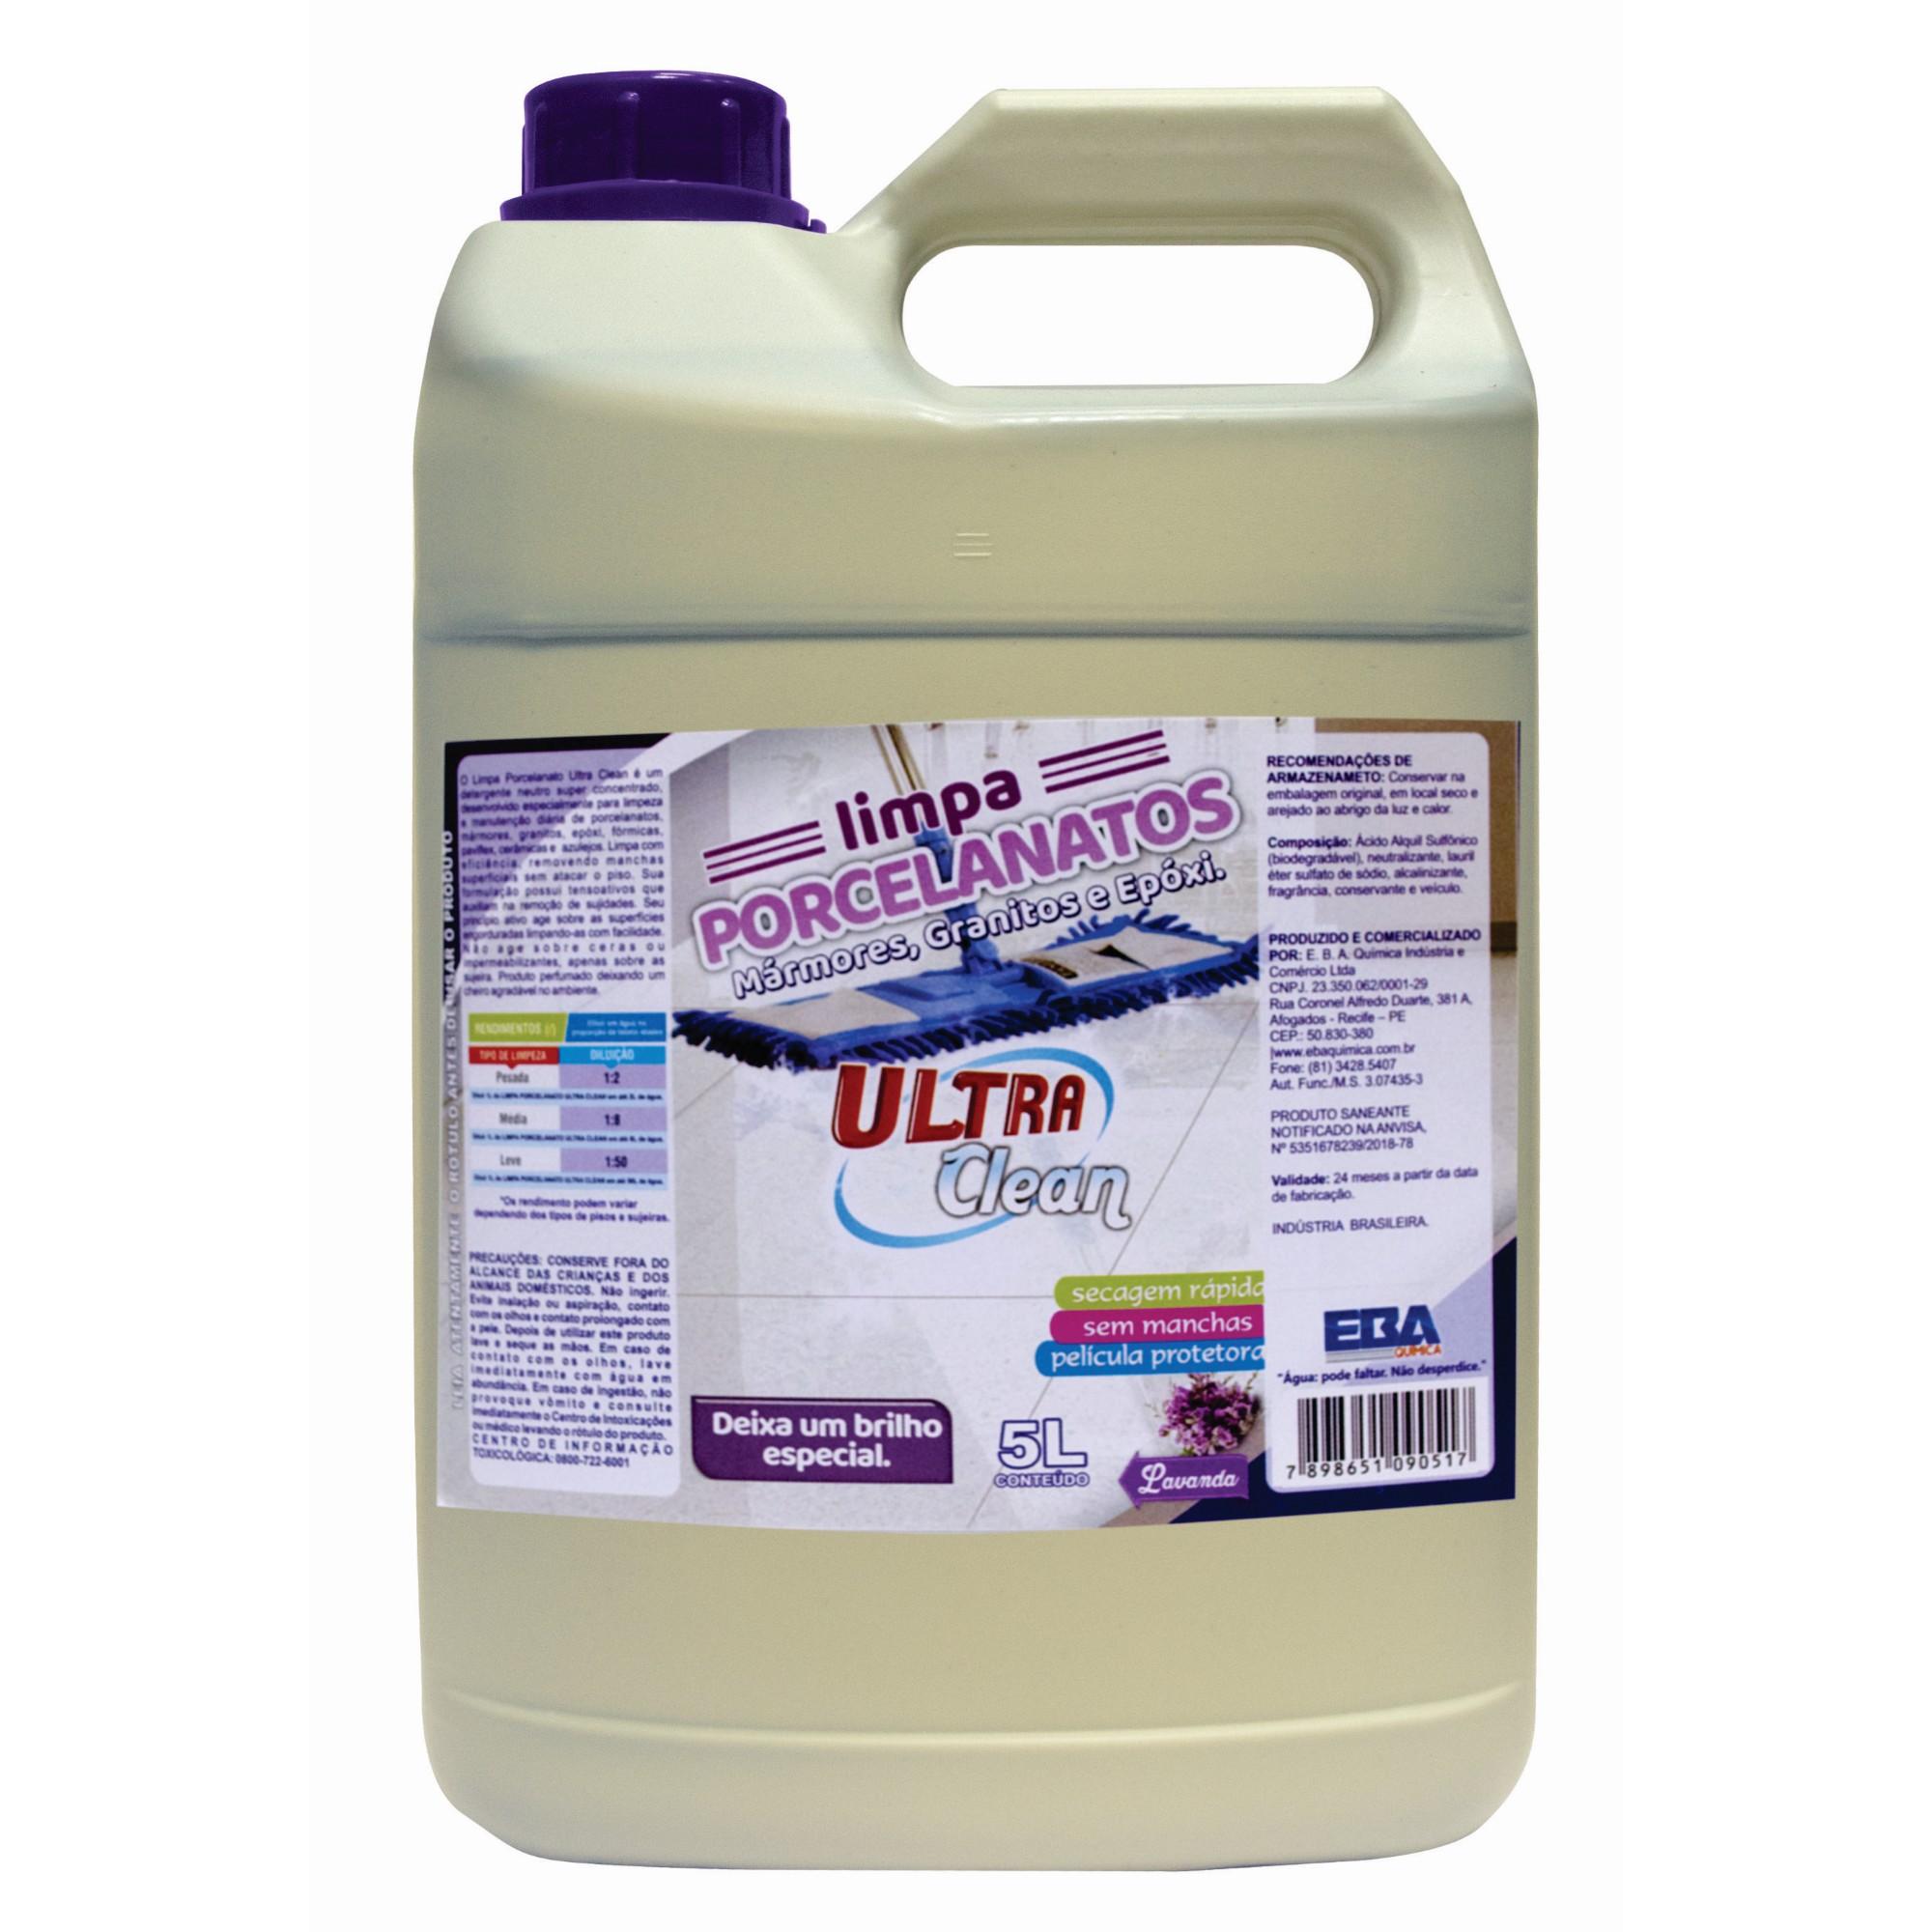 Limpador para Porcelanato Secagem Rapida 50L - Ultra Clean